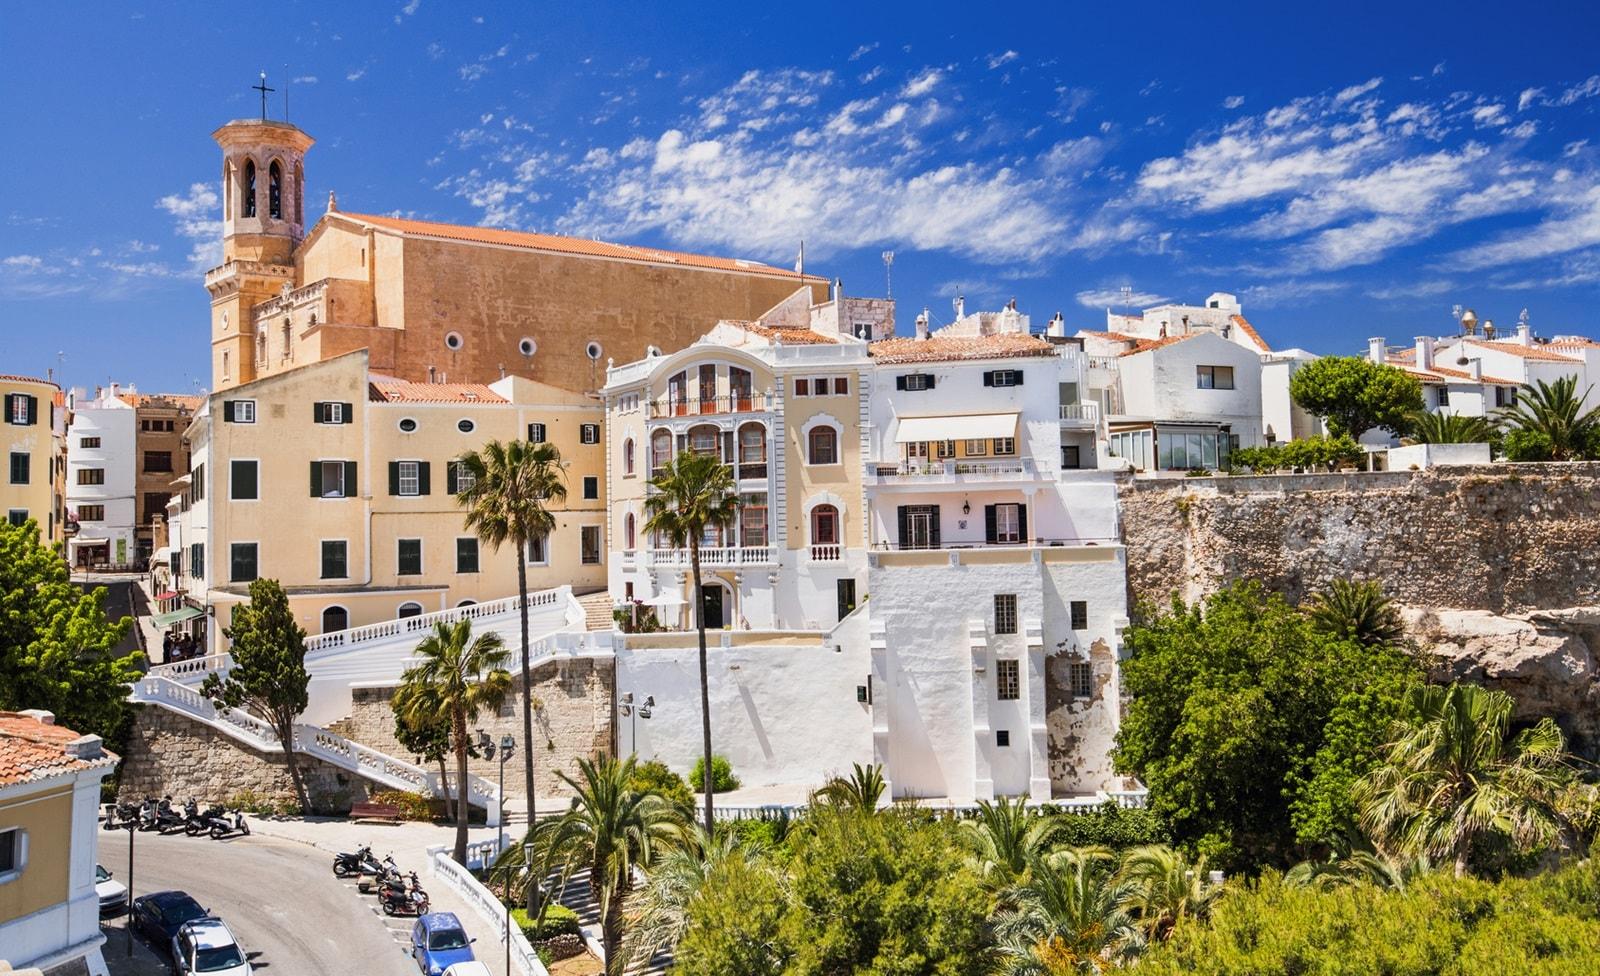 Mahón in Menorca